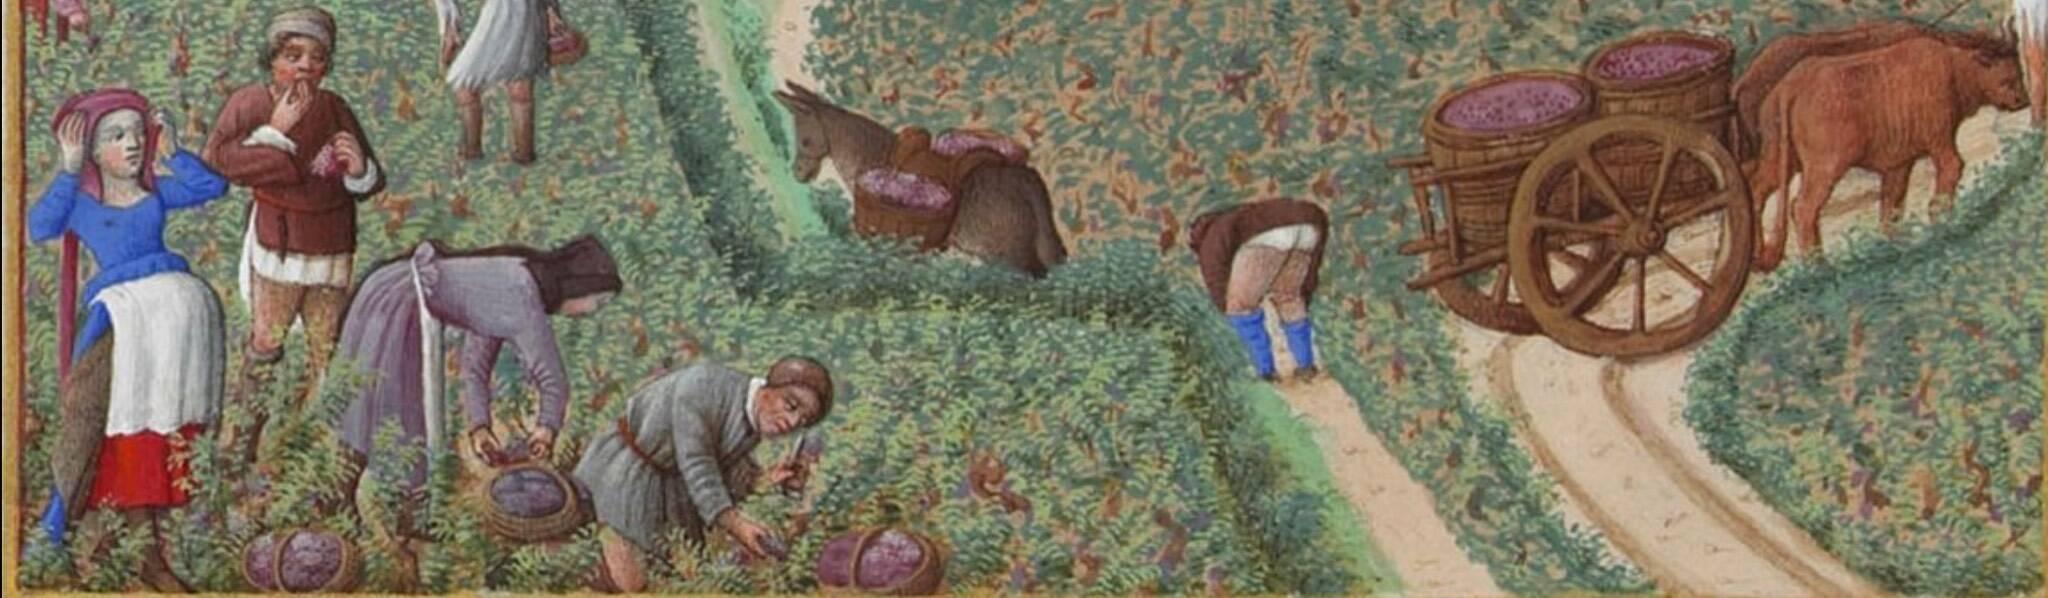 Tappeti Volanti al sapore d'autunno